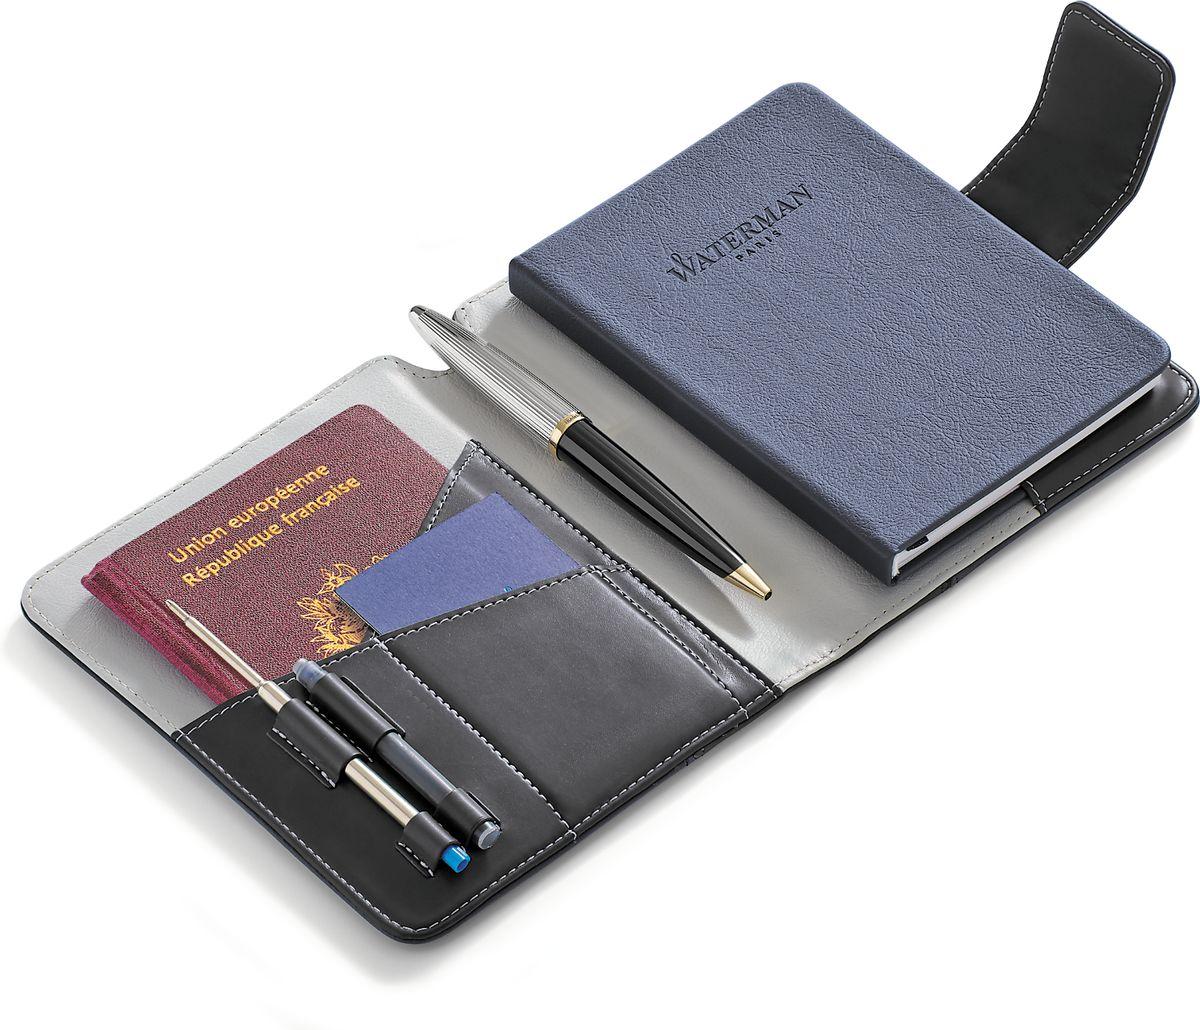 Шариковая ручка с блокнотом Waterman Carene Deluxe Black GT - это высококачественный канцелярский набор, который будет незаменимым аксессуаром для любого делового человека, а также станет превосходным подарком. В набор входит шариковая ручка, блокнот, стержень и резервуар с чернилами.Блокнот для путешественника с тканевой закладкой-полоской и магнитной застежкой имеет обложку из экокожи, не разлинован, внутренний блок представлен 40 белыми листами. Шариковая ручка Carene Deluxe Black GT имеет лакированный черный корпус, посеребренные и позолоченные детали. Цвет чернил - синий.